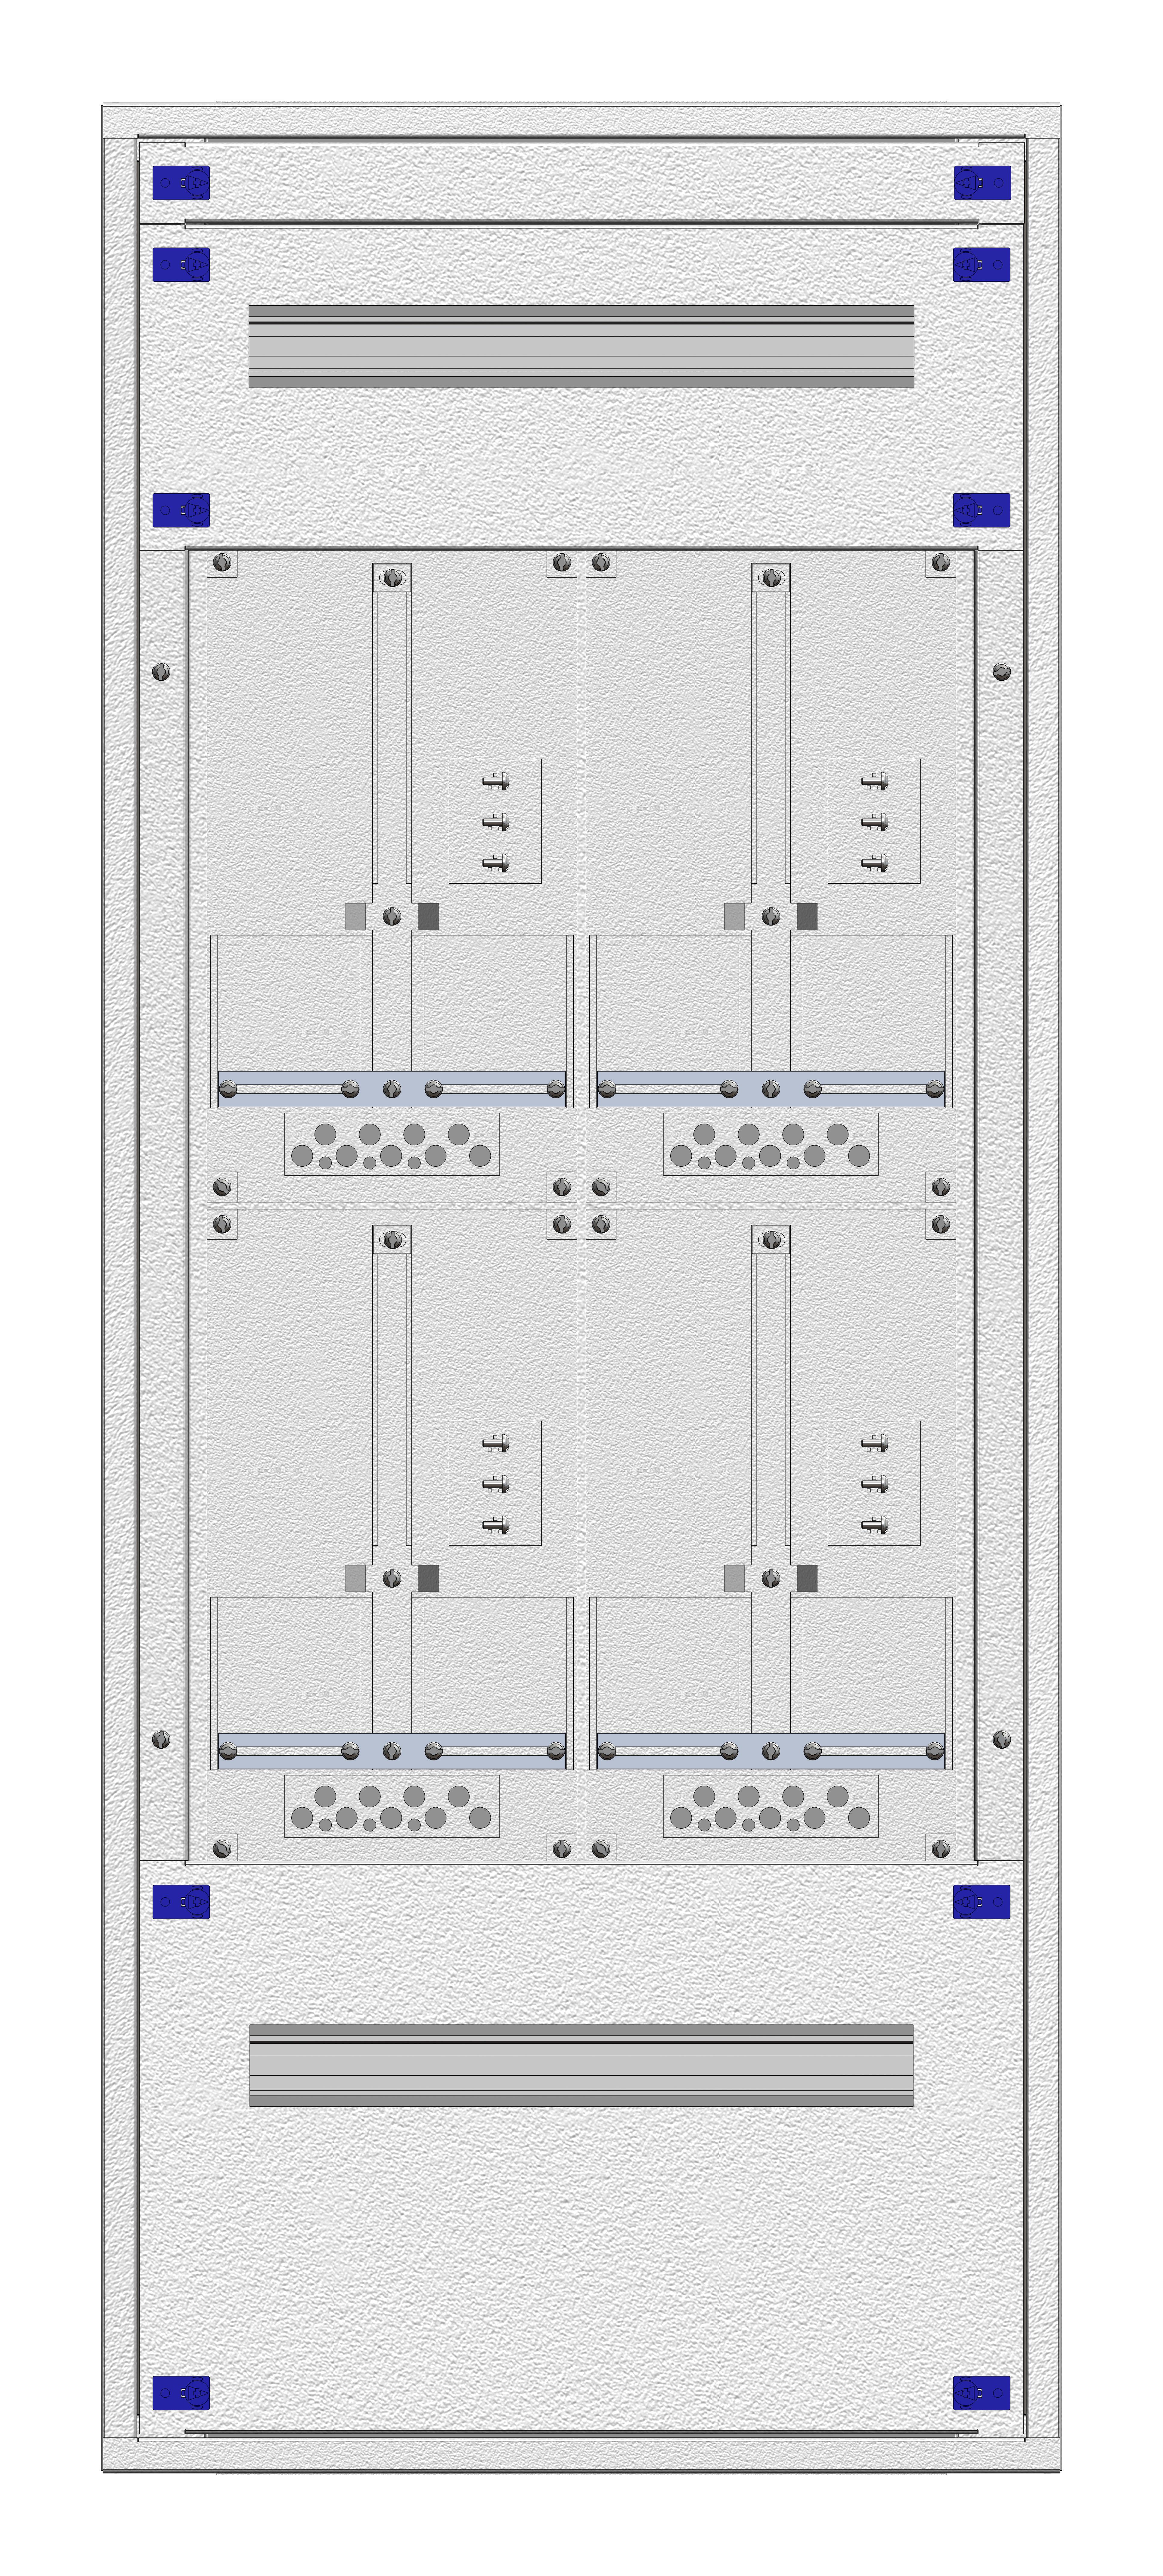 1 Stk Aufputz-Zählerverteiler 2A-28G/OOE 4ZP, H1380B590T250mm IL162228OS